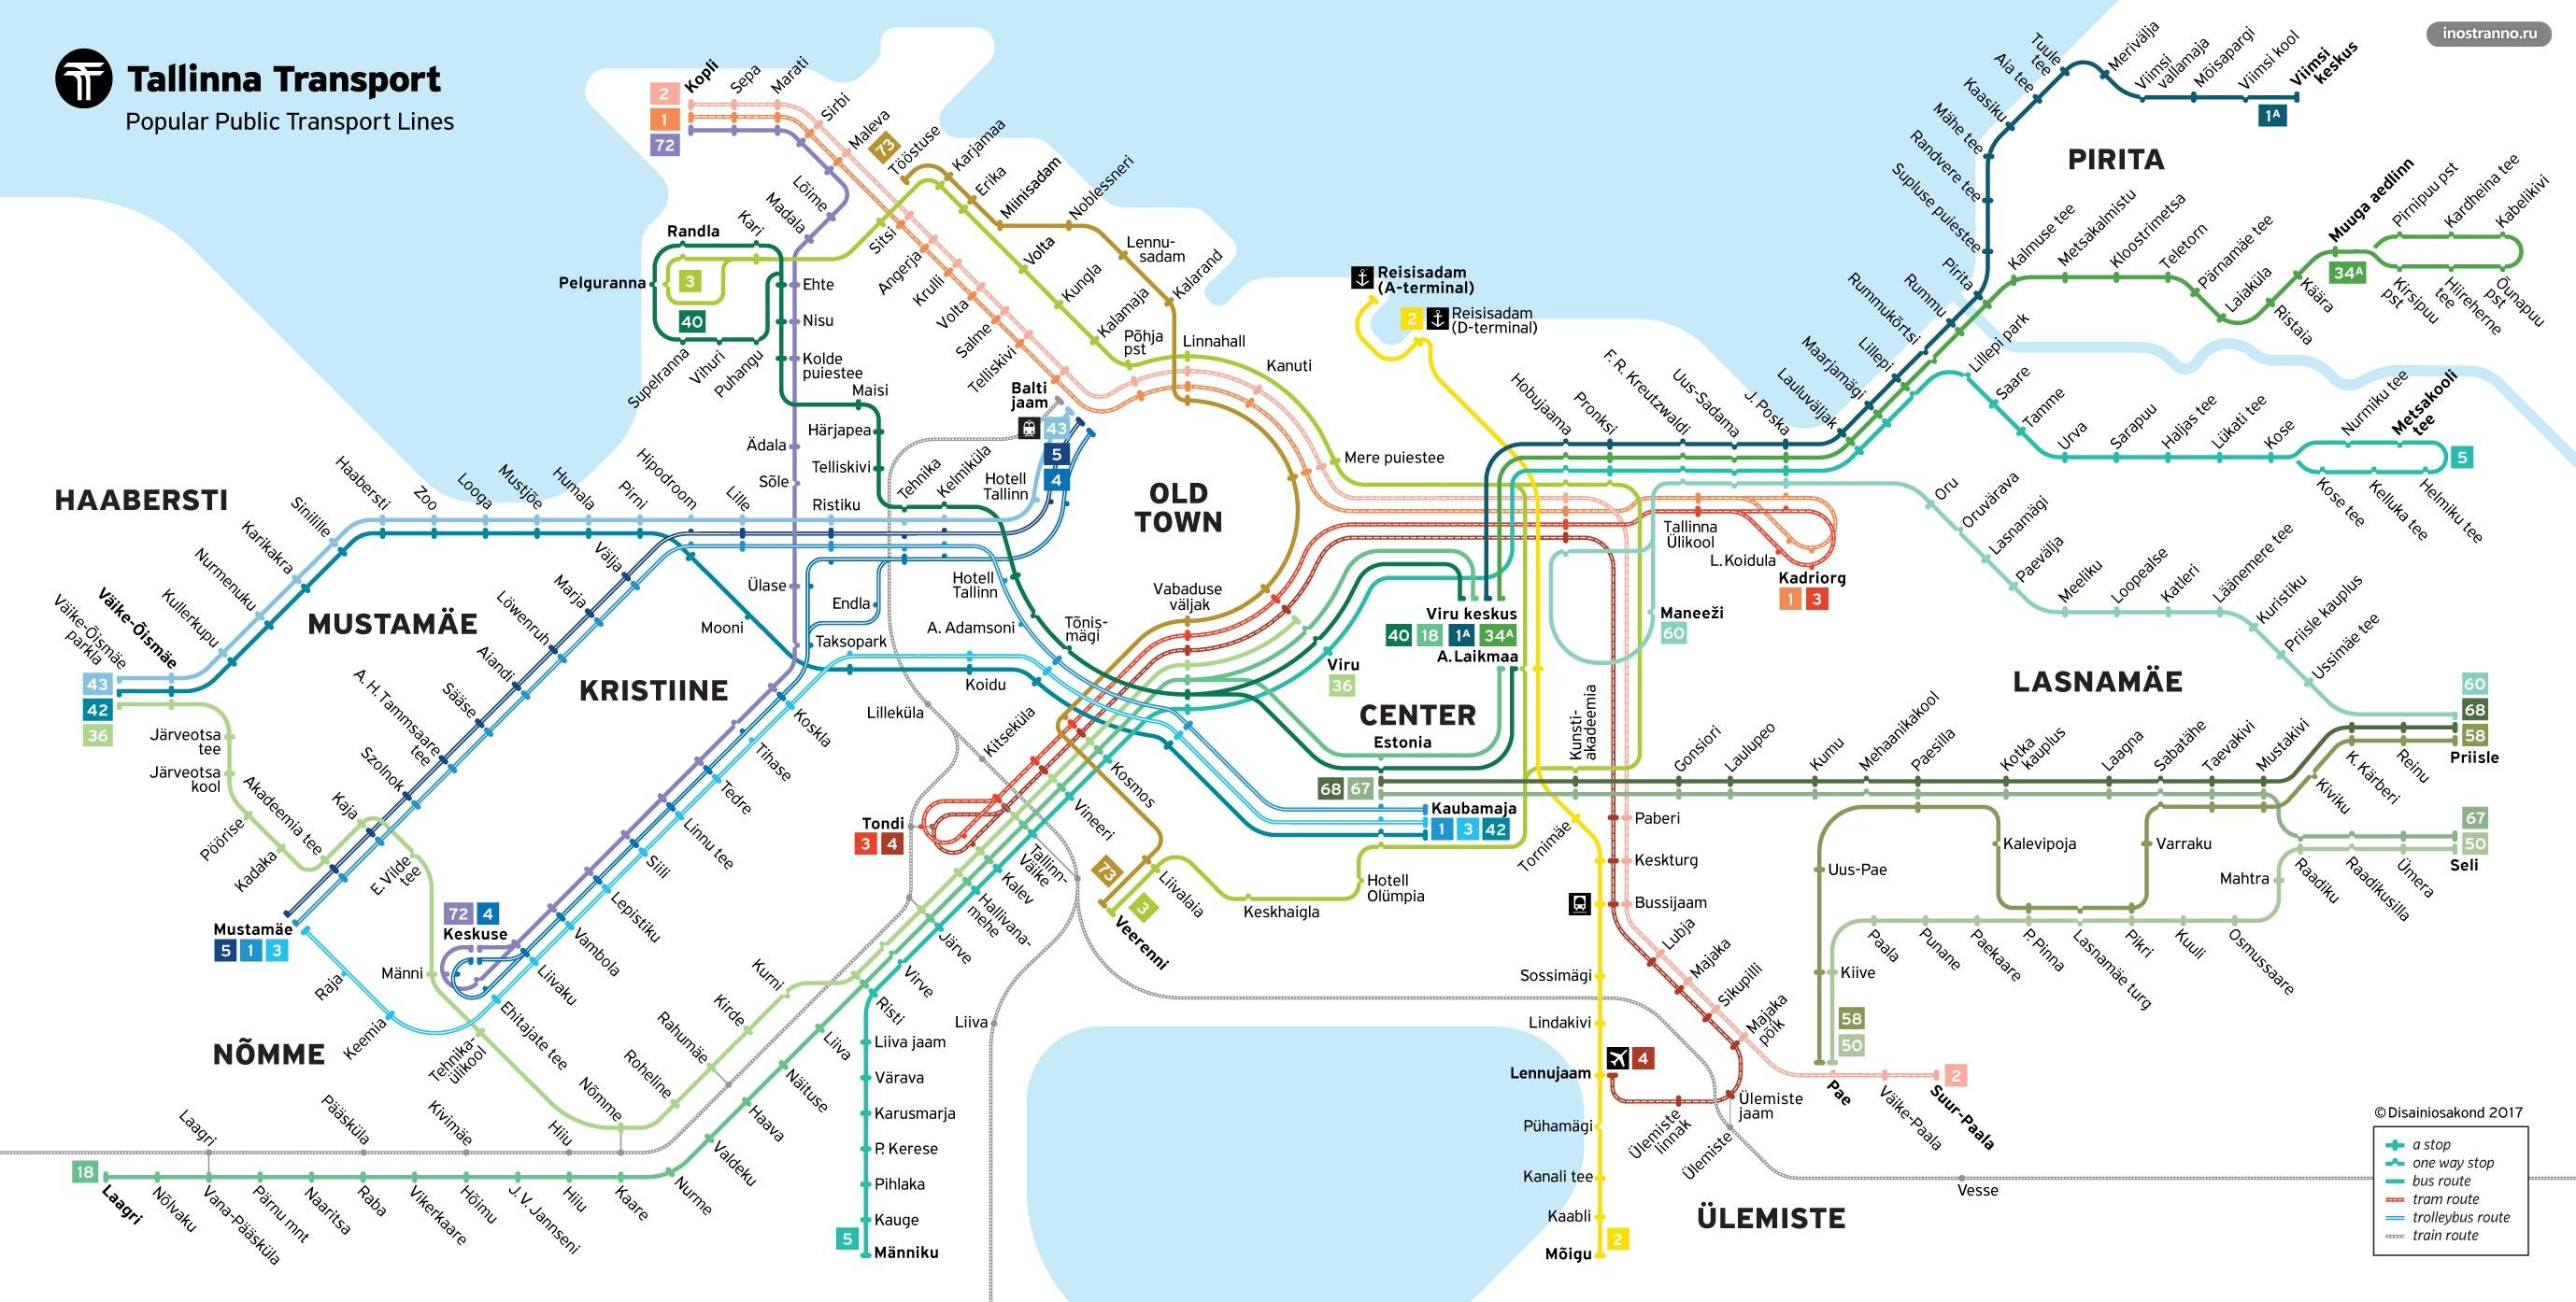 Карта схема трамваев и автобусов Таллина